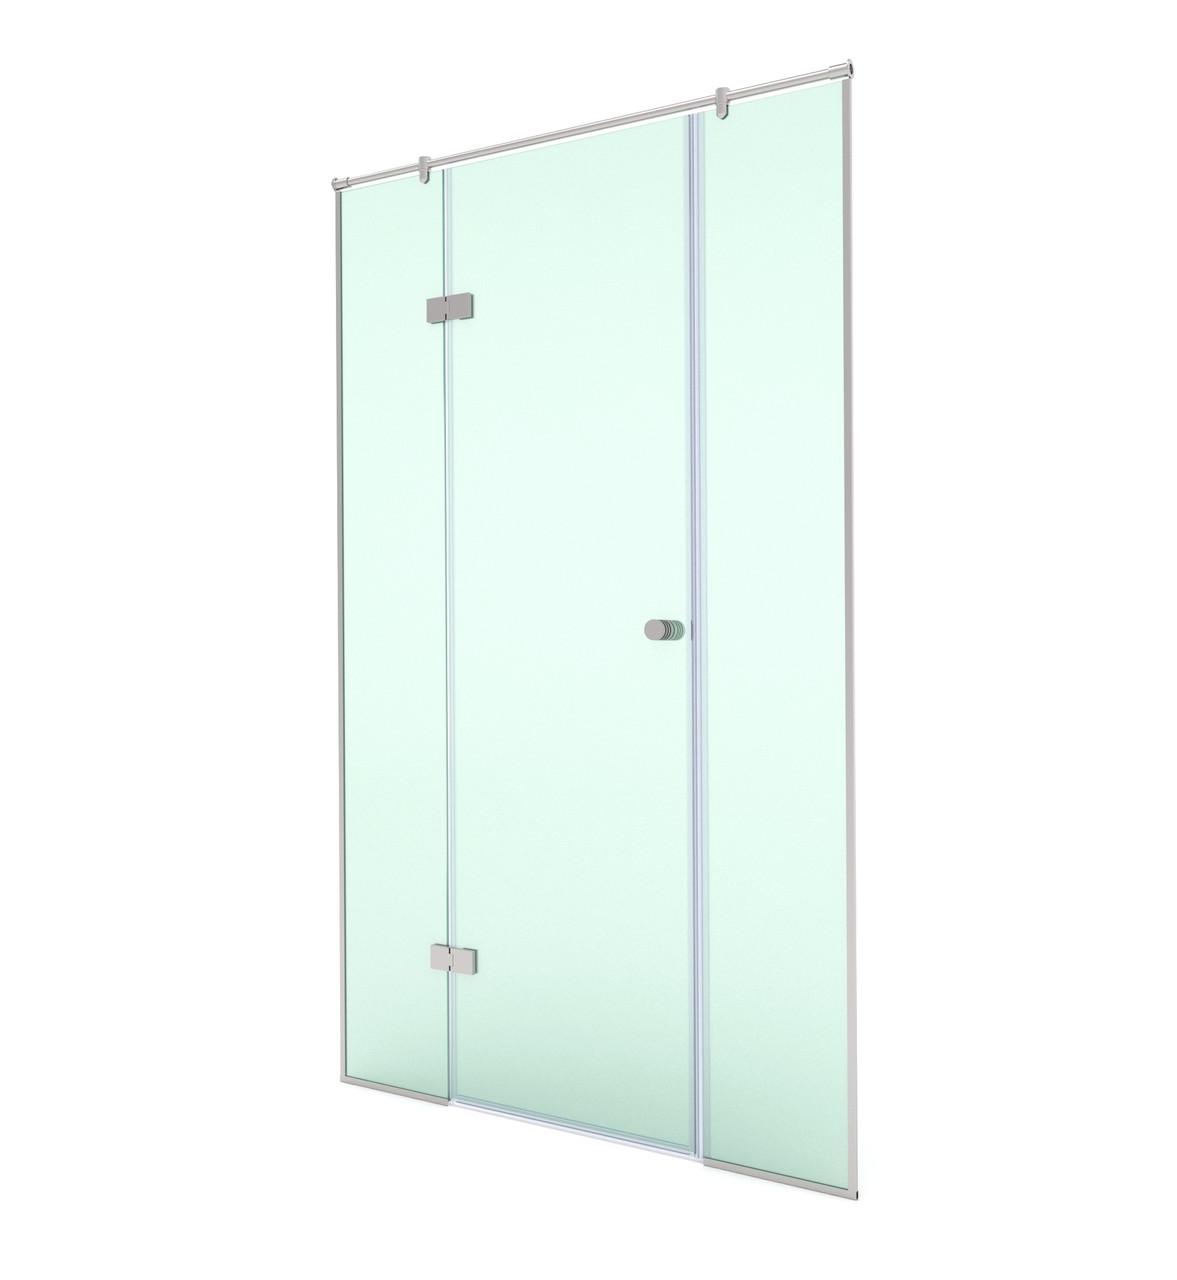 Распашные двери в душевую, модели SD-02-11